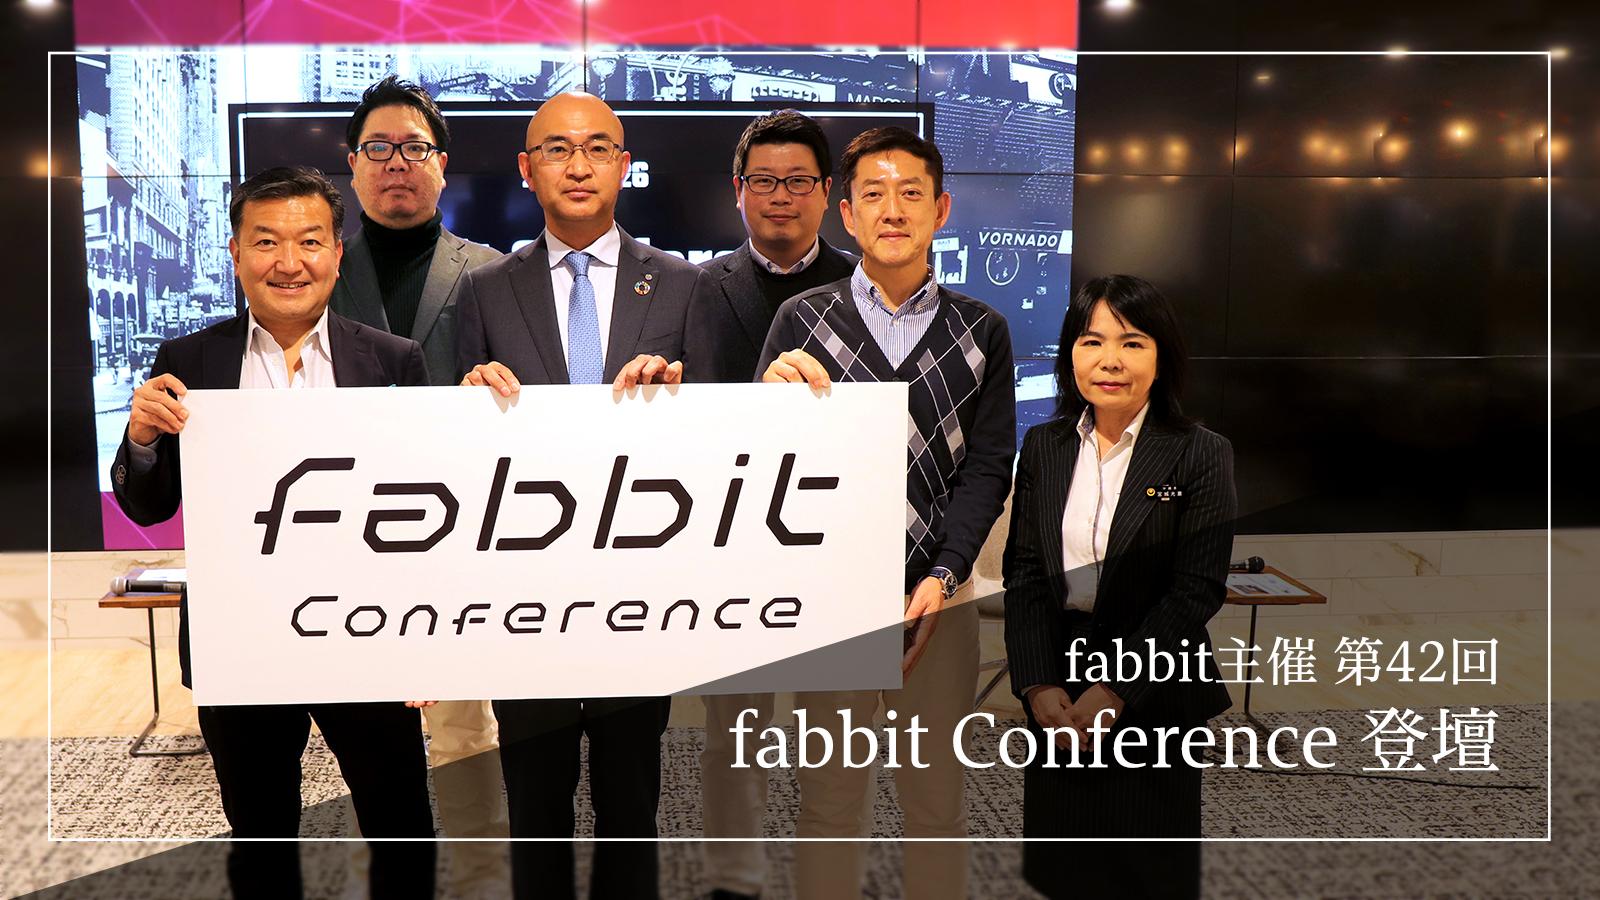 【PR】1⽉26⽇開催のfabbit Conference「ワーケーション〜ニューノー マル時代のビジネスチャンス〜」に登壇いたしました。